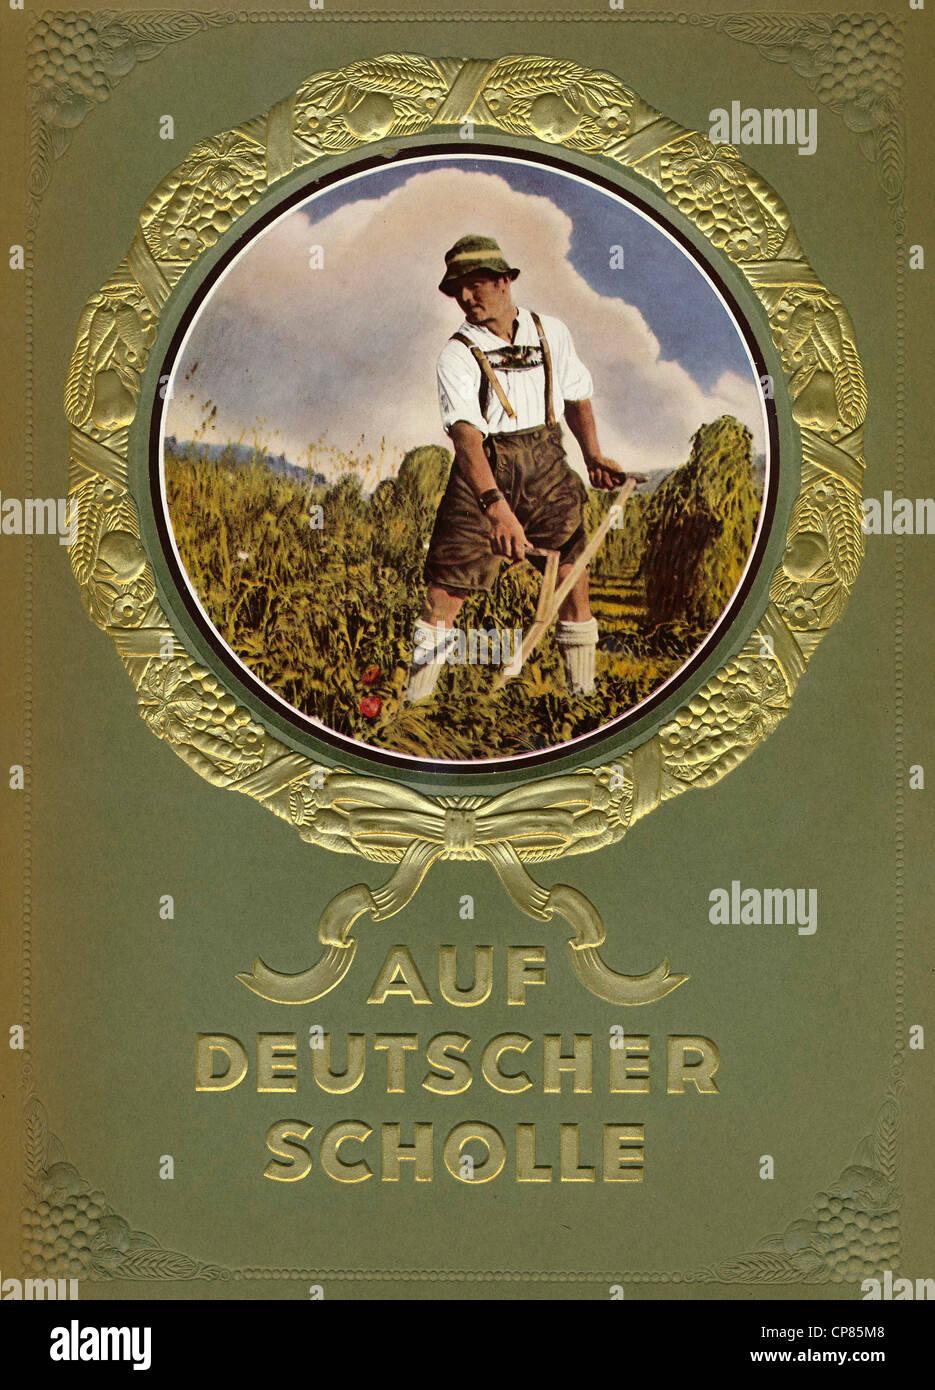 Titelseite, Auf Deutscher Scholle, Sammelbilderalbum, Zigaretten-Bilderdienst, Eckstein, Verlag Nordmark 1935, Deutschland - Stock Image